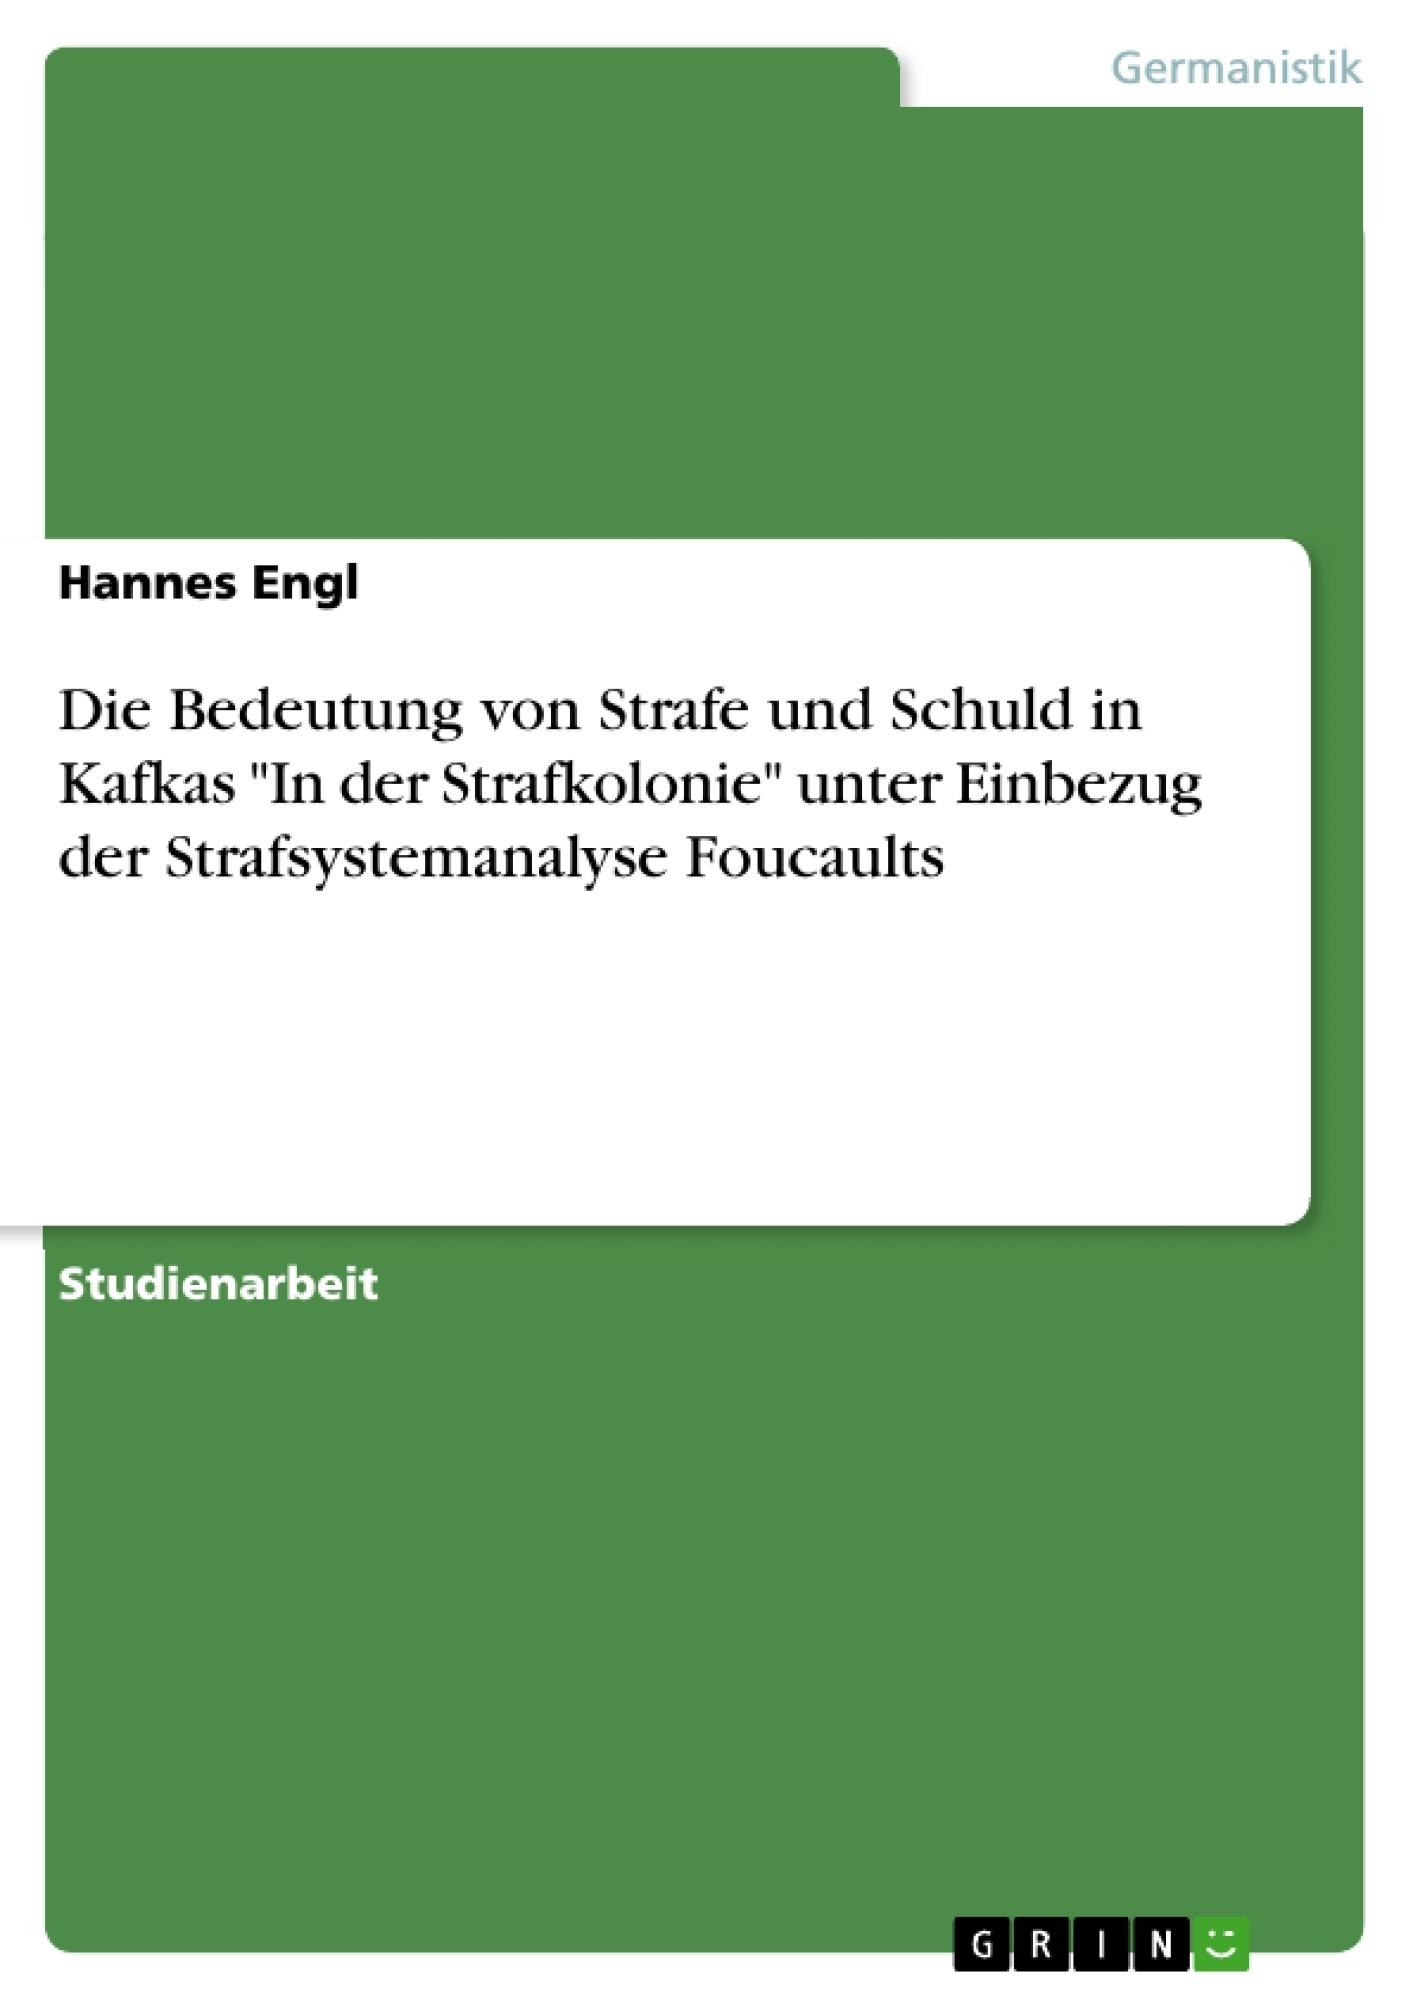 """Titel: Die Bedeutung von Strafe und Schuld in Kafkas """"In der Strafkolonie"""" unter Einbezug der Strafsystemanalyse Foucaults"""